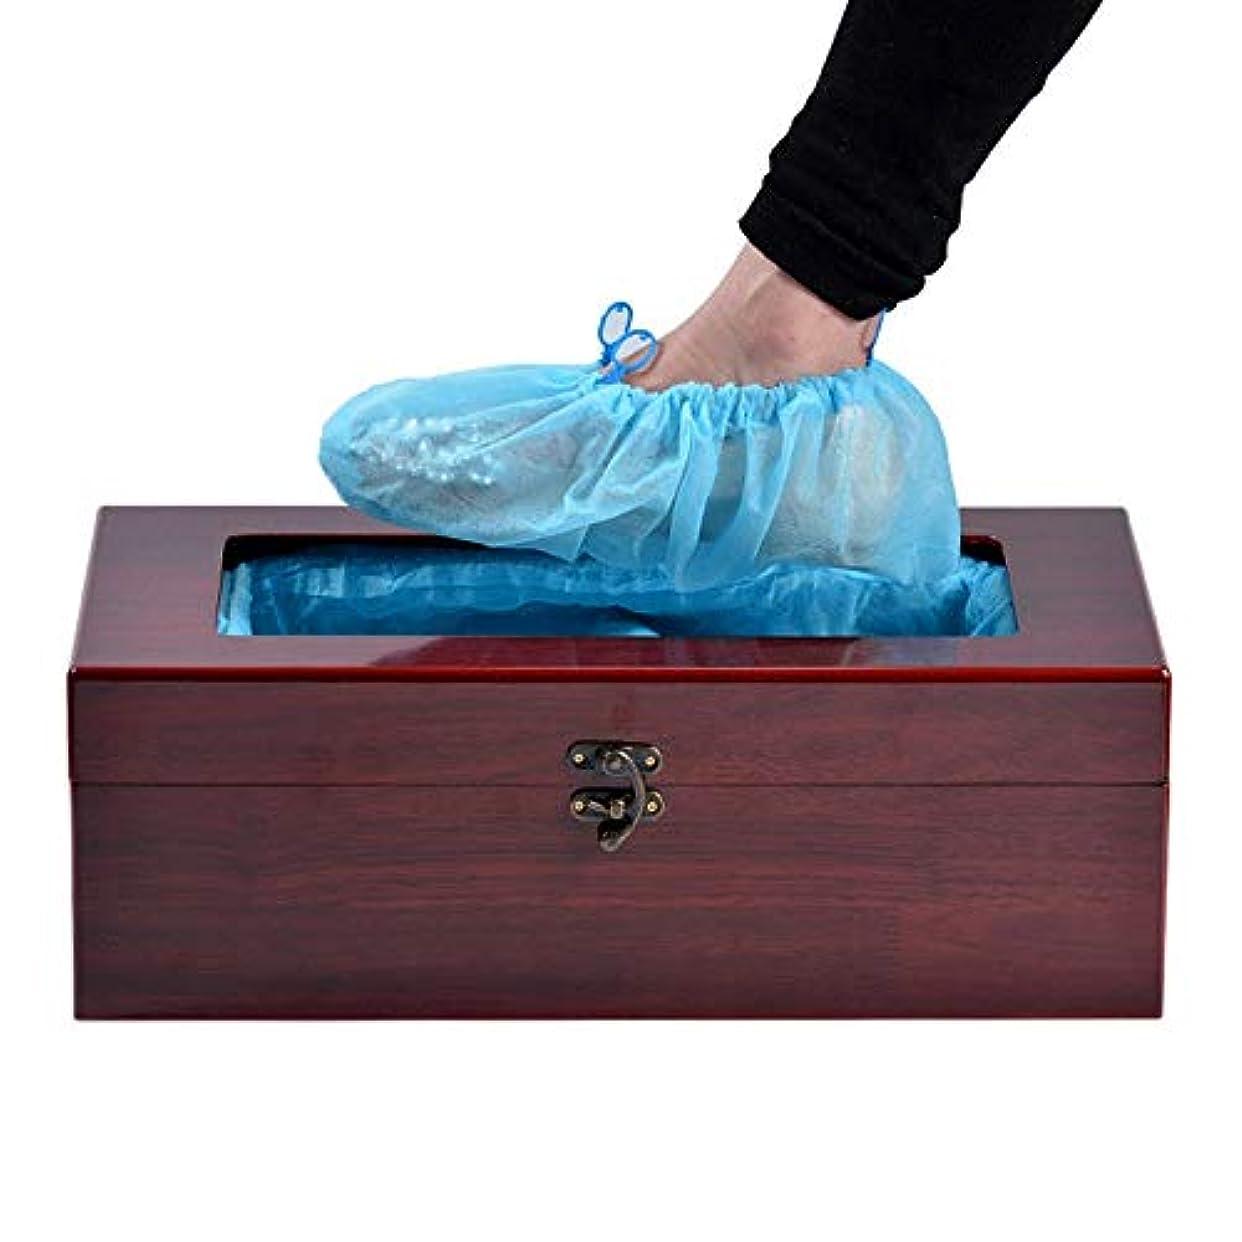 キャベツ糸ドライバ新しい靴カバーマシン新しいホーム自動インテリジェントオフィス靴マシン使い捨て靴カバーマシンフットカバーマシンフィルムマシン